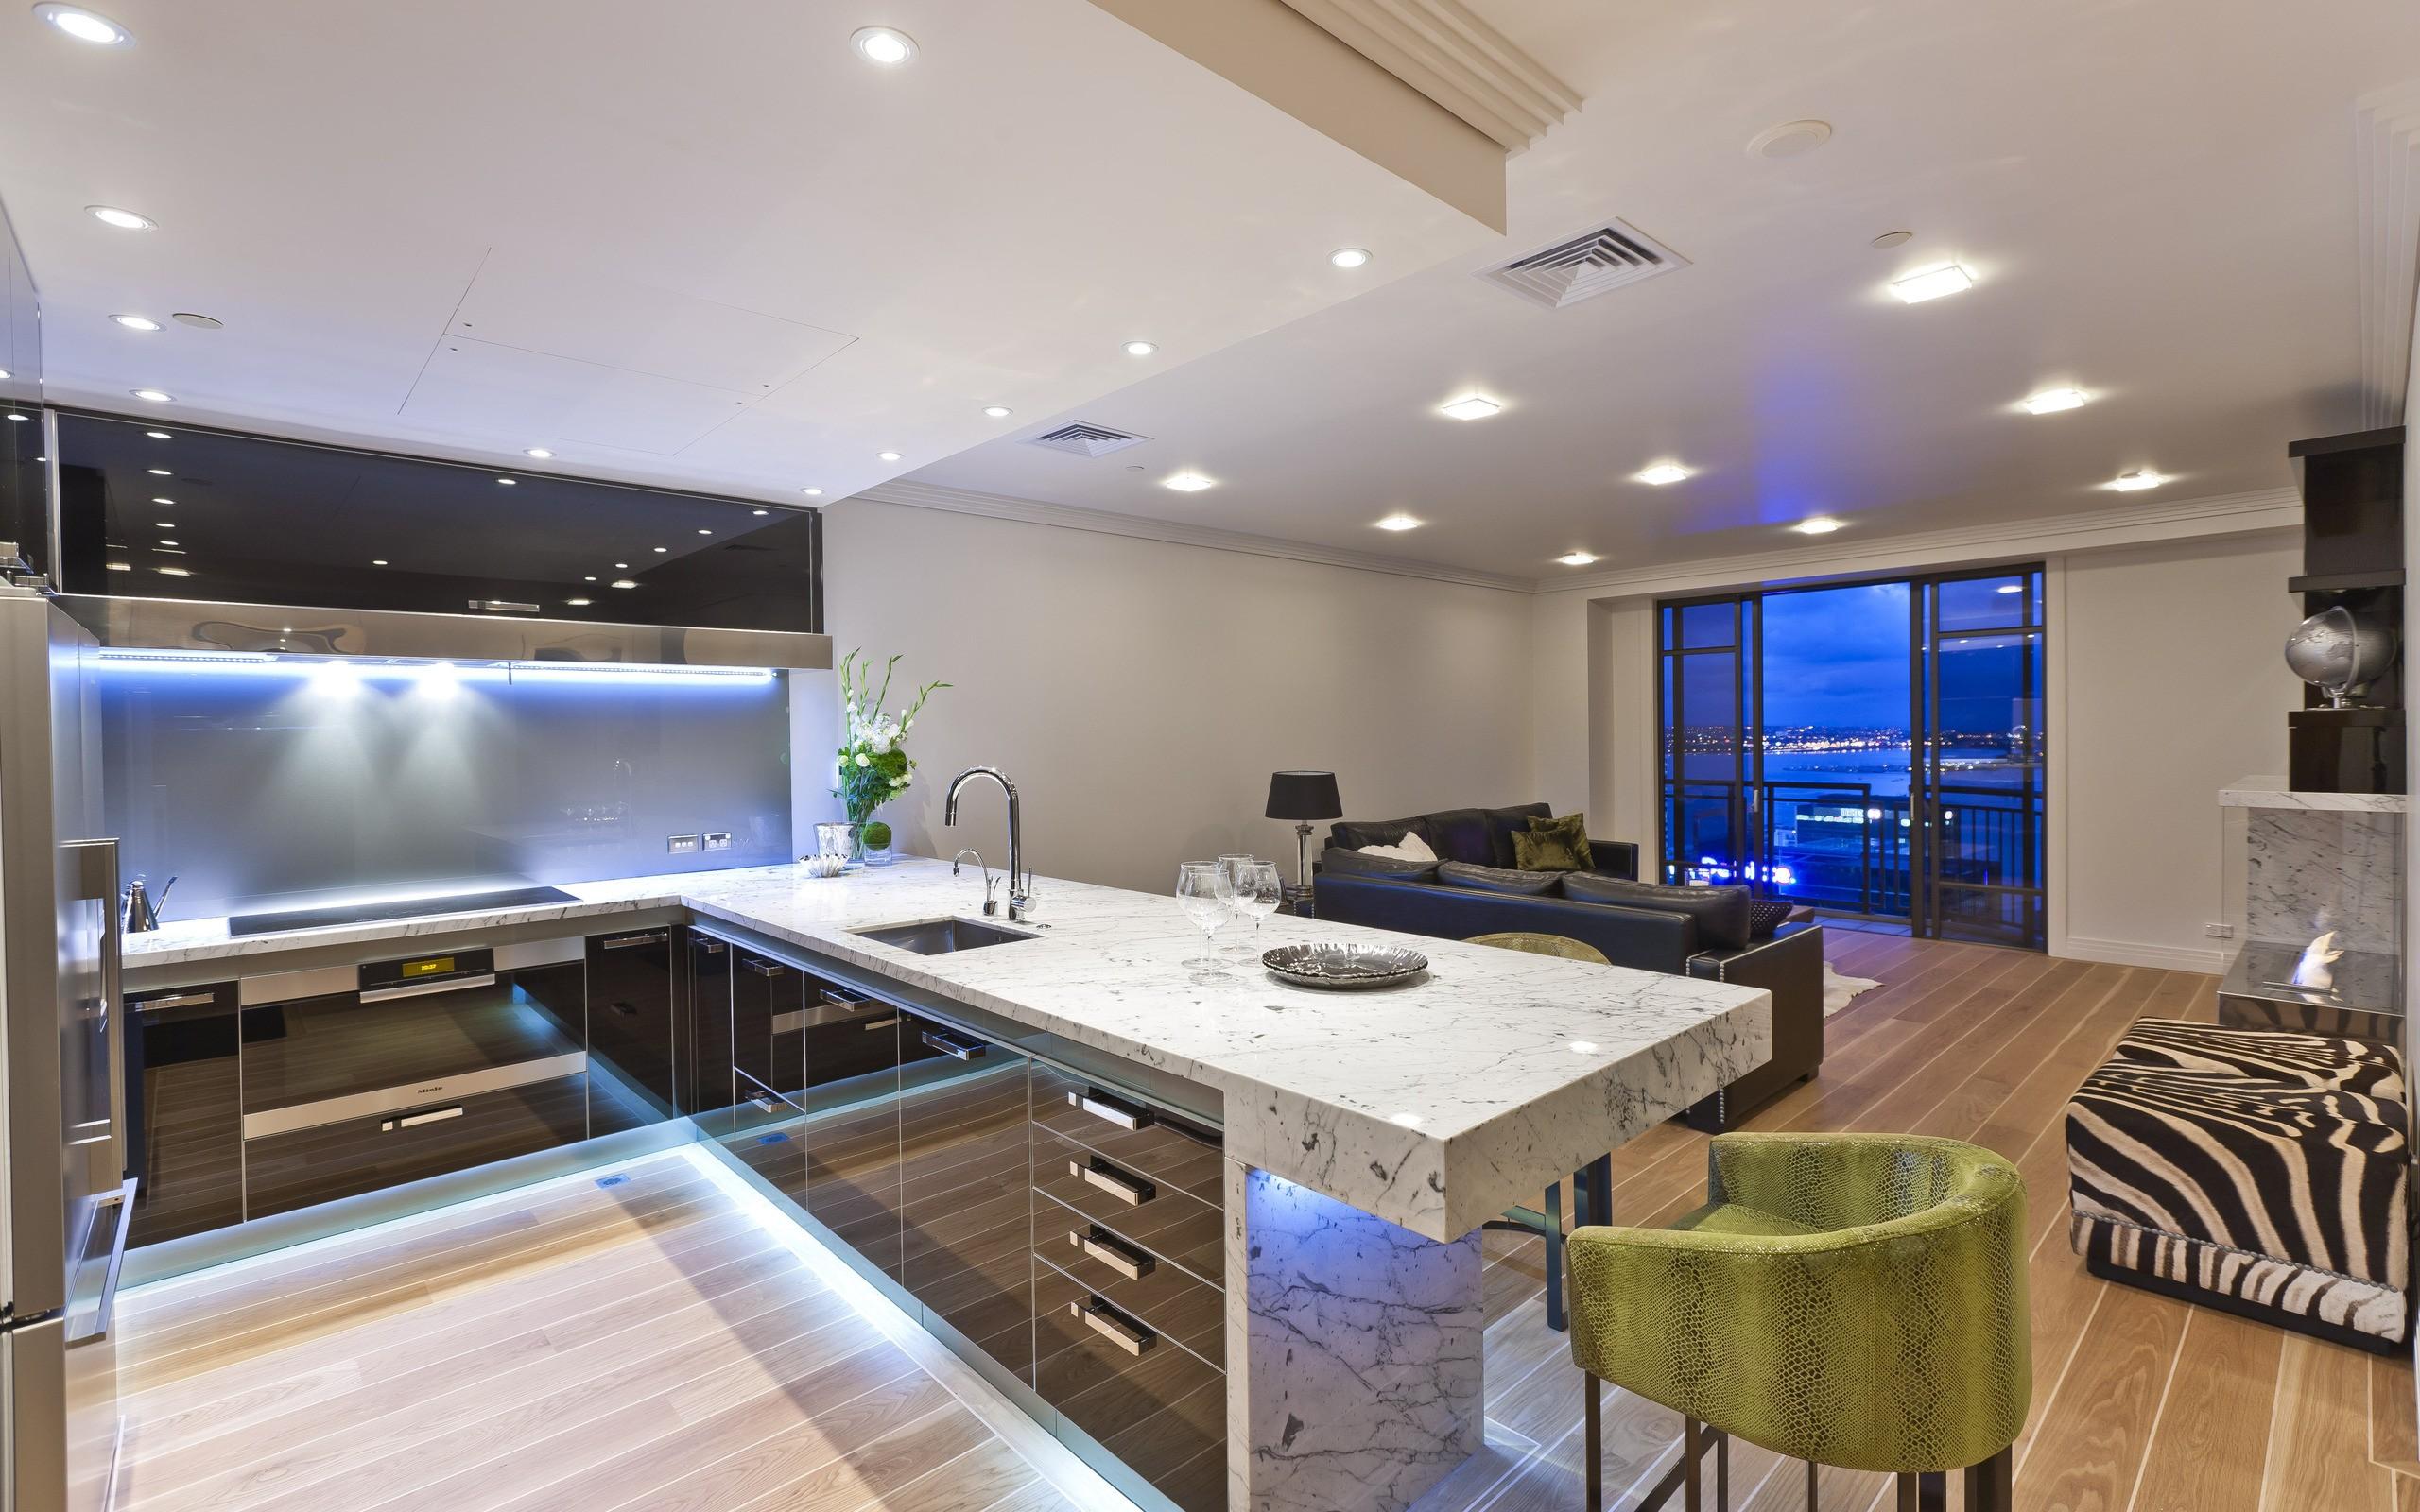 Una cocina en mármol hd 2560x1600 - imagenes - wallpapers gratis ...